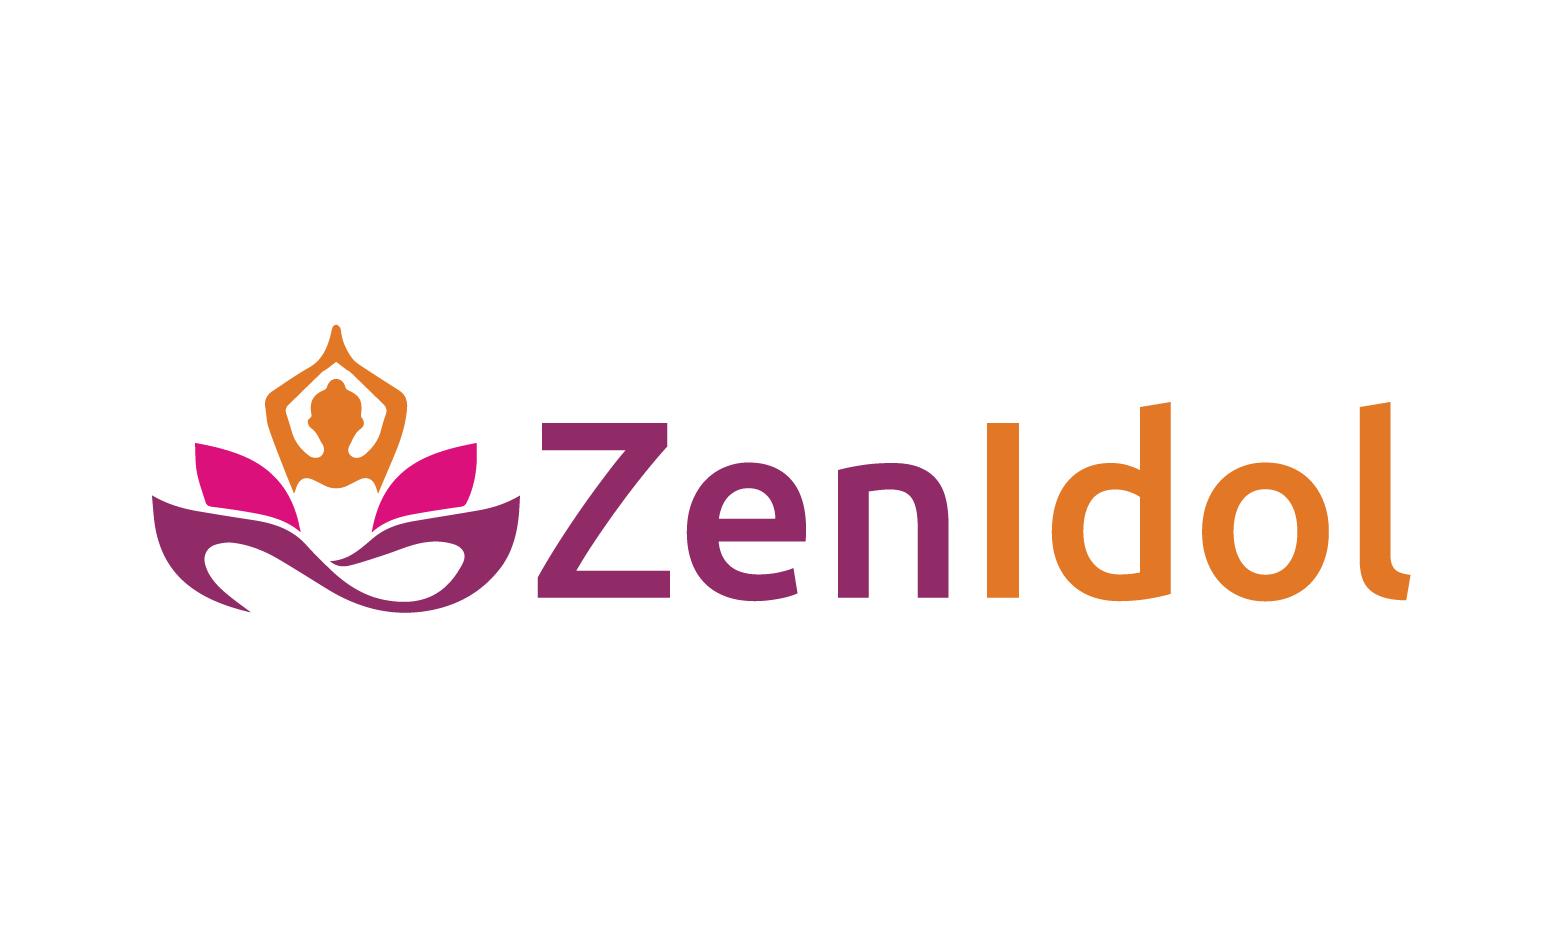 Jak to działa? W jakim celu stosuje się Zenidol?